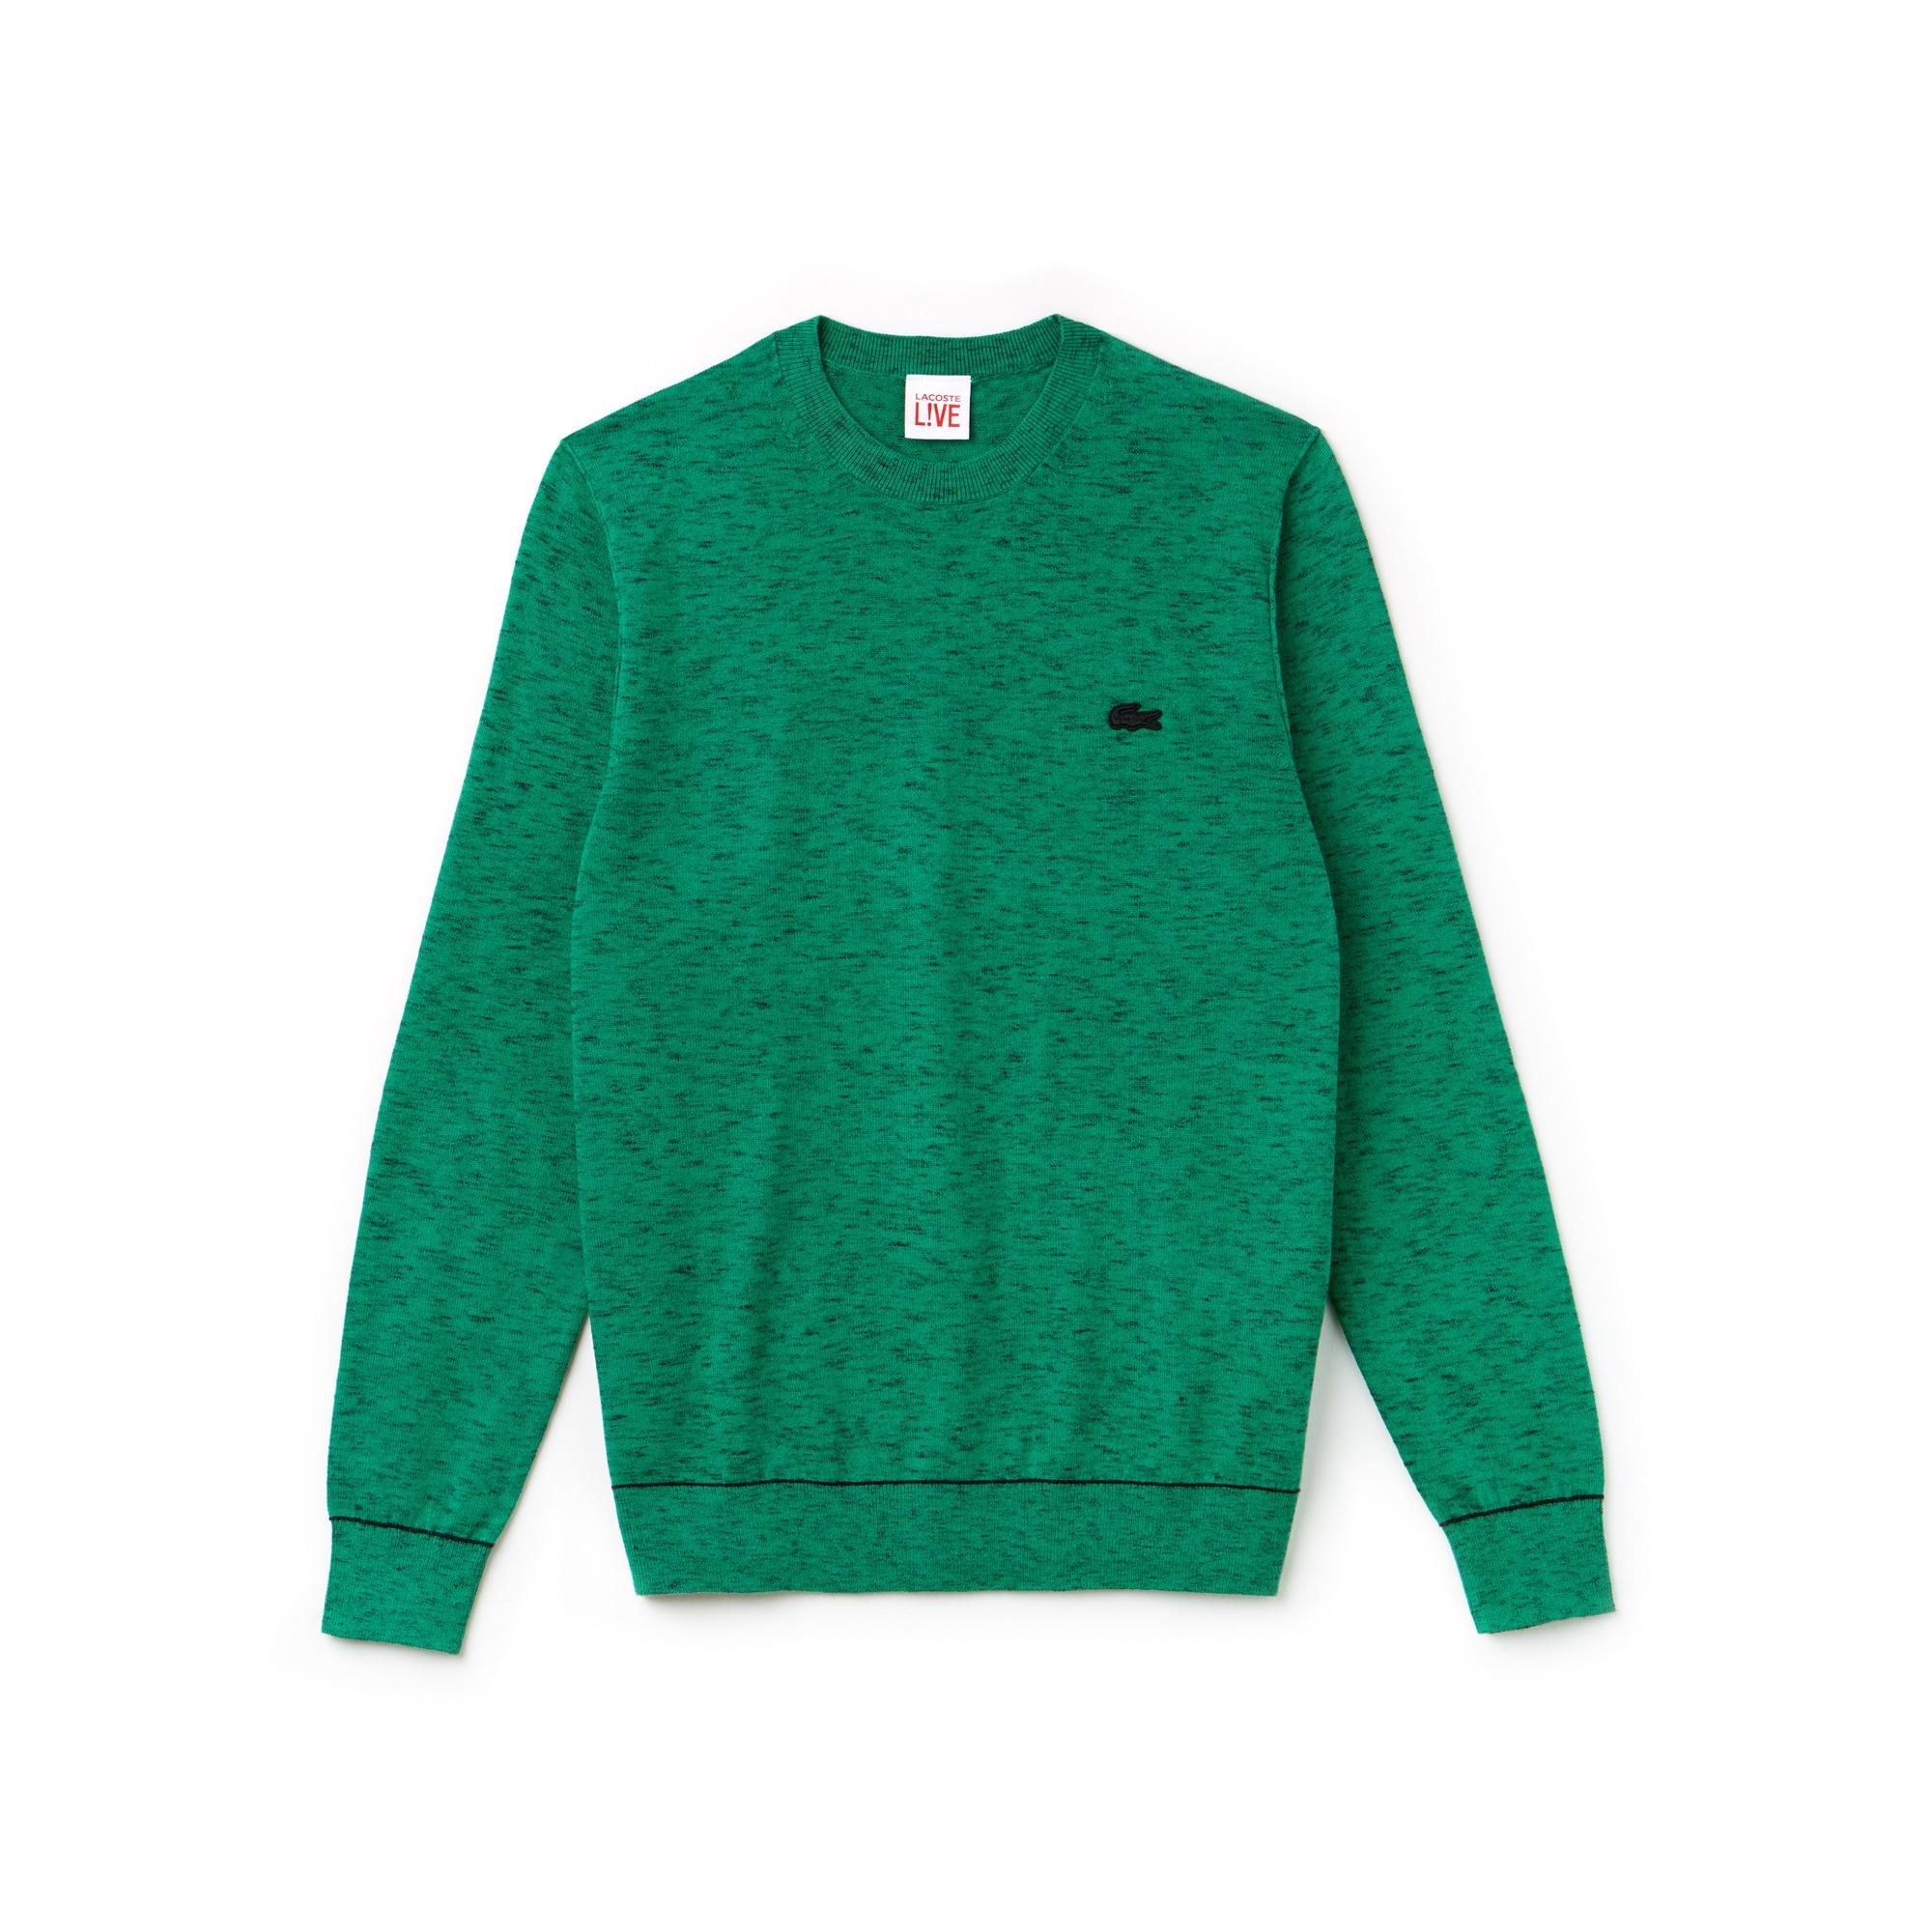 Pull col rond Lacoste LIVE en jersey de coton et cachemire avec piping